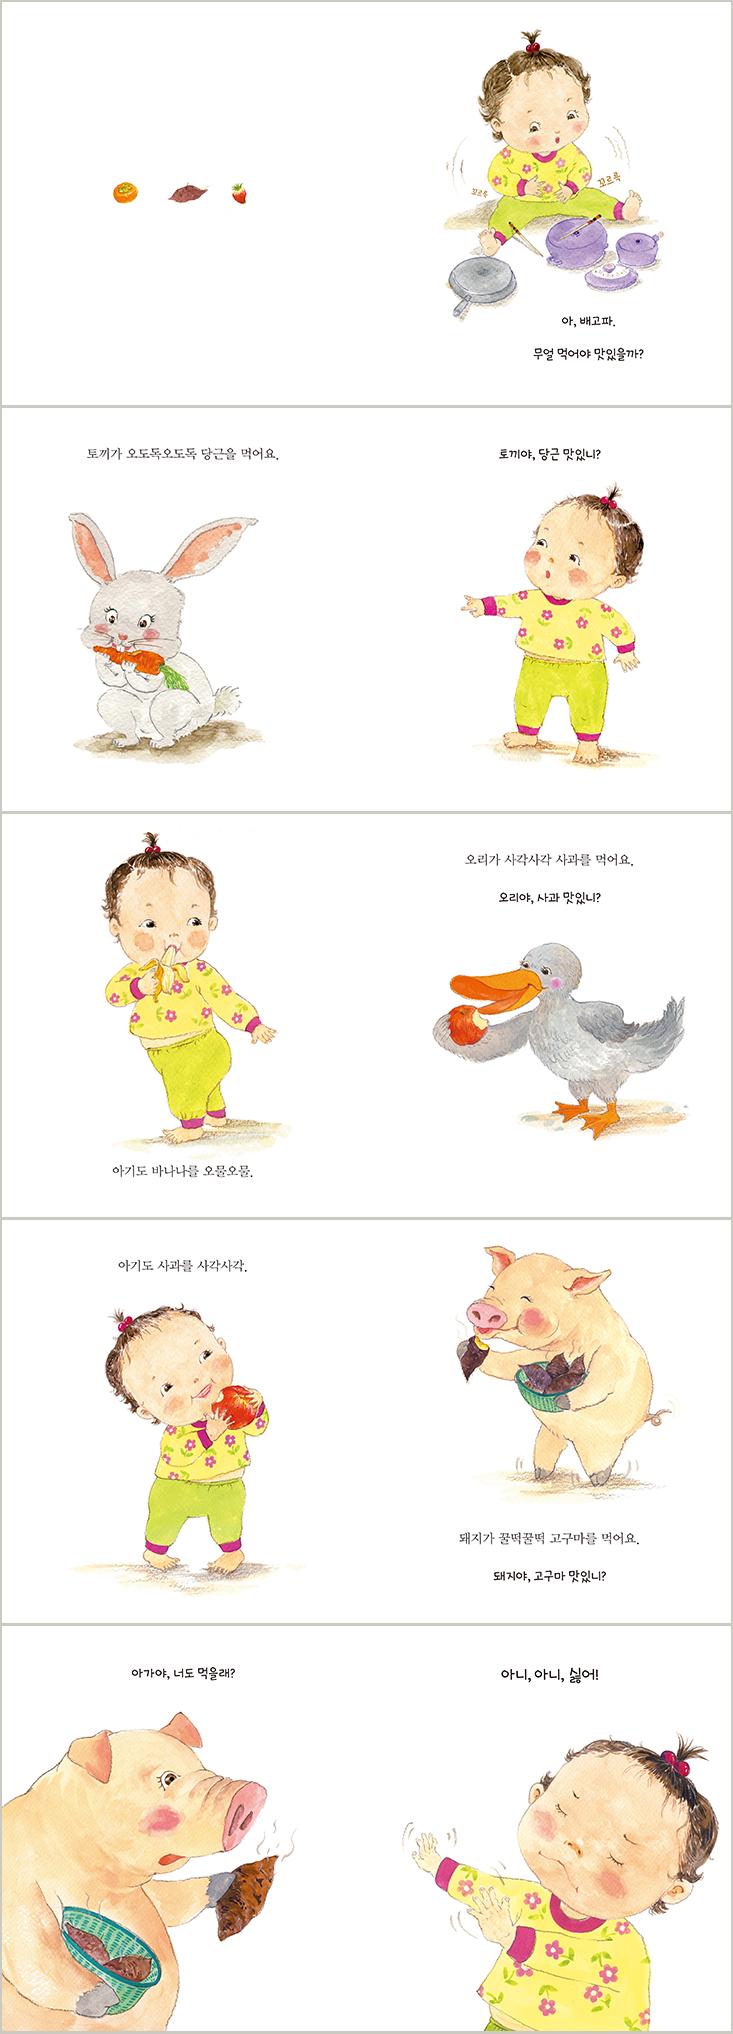 응가, 뿌지직 뽕!(2판)(아기발달그림책 1)(양장본 HardCover) 도서 상세이미지